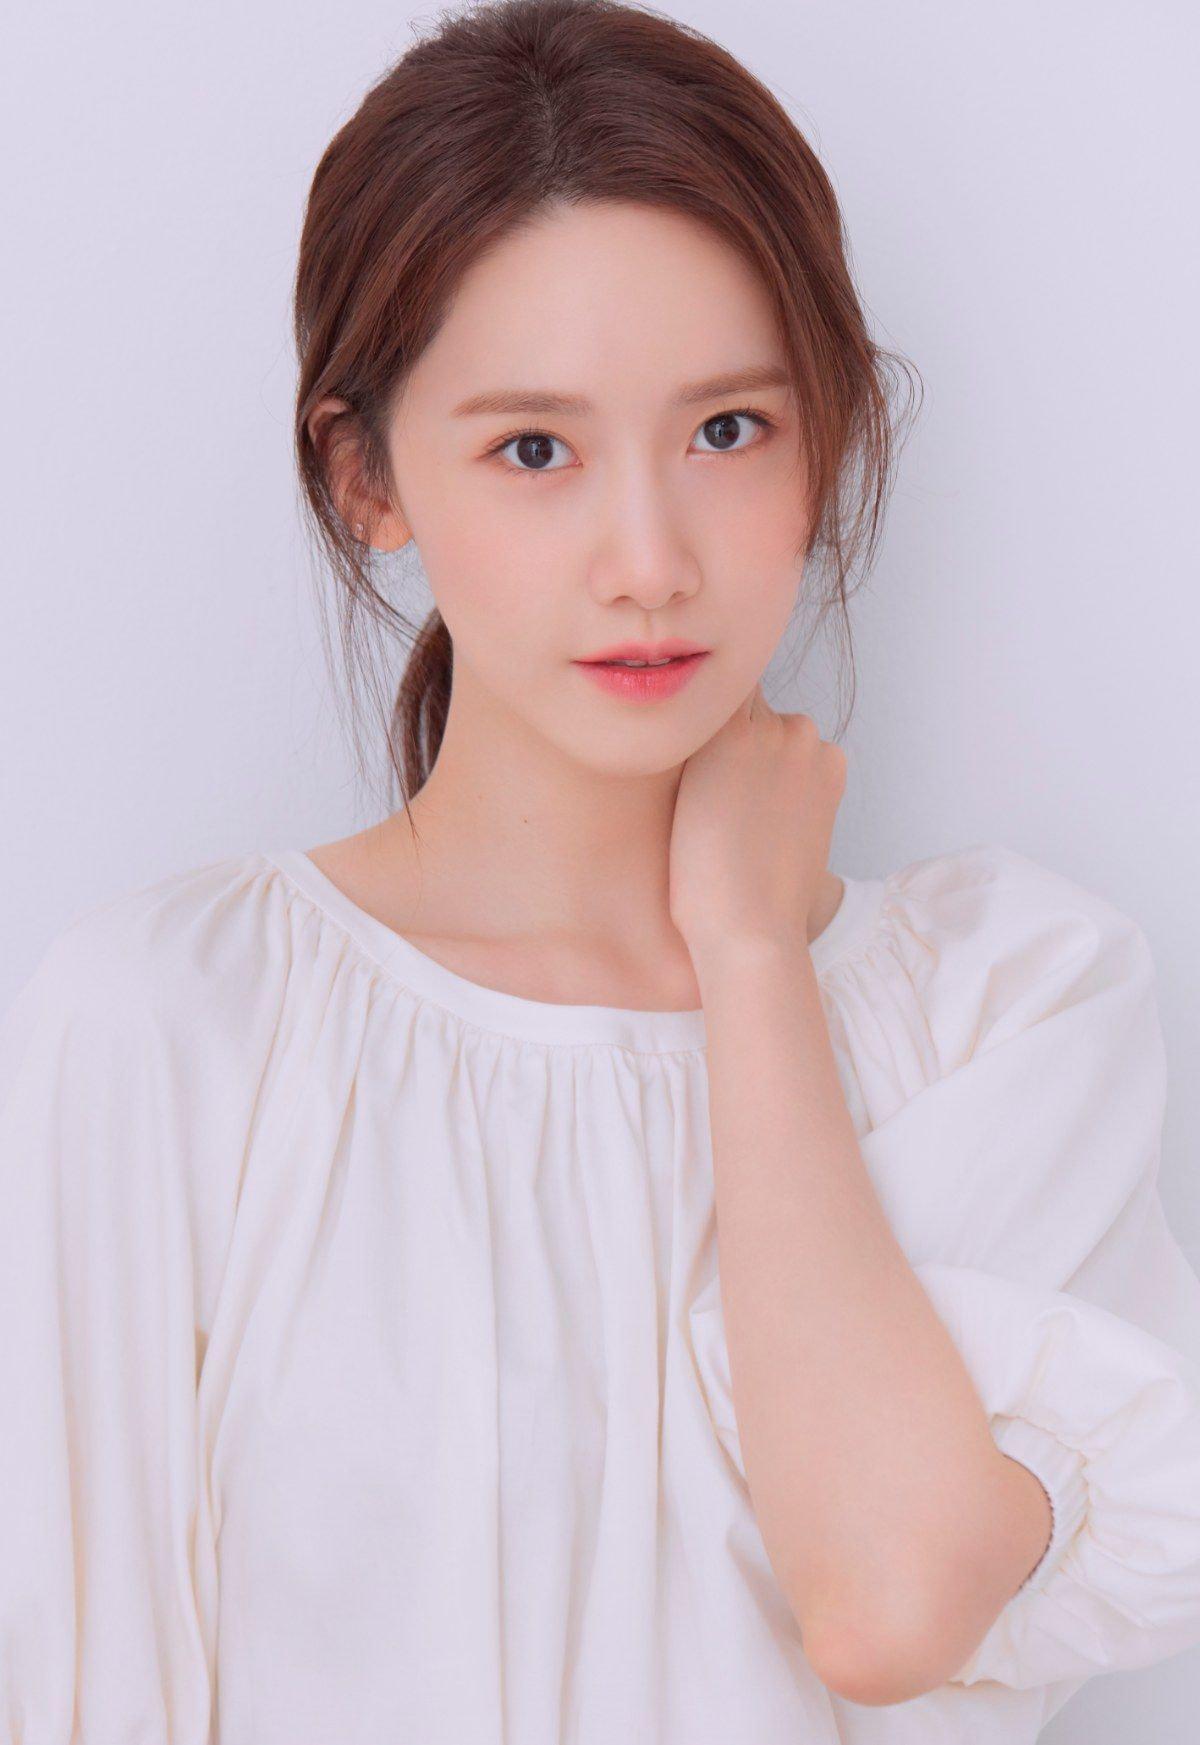 """10 bước dưỡng da """"thần thánh"""" của YoonA (SNSD) - 4"""